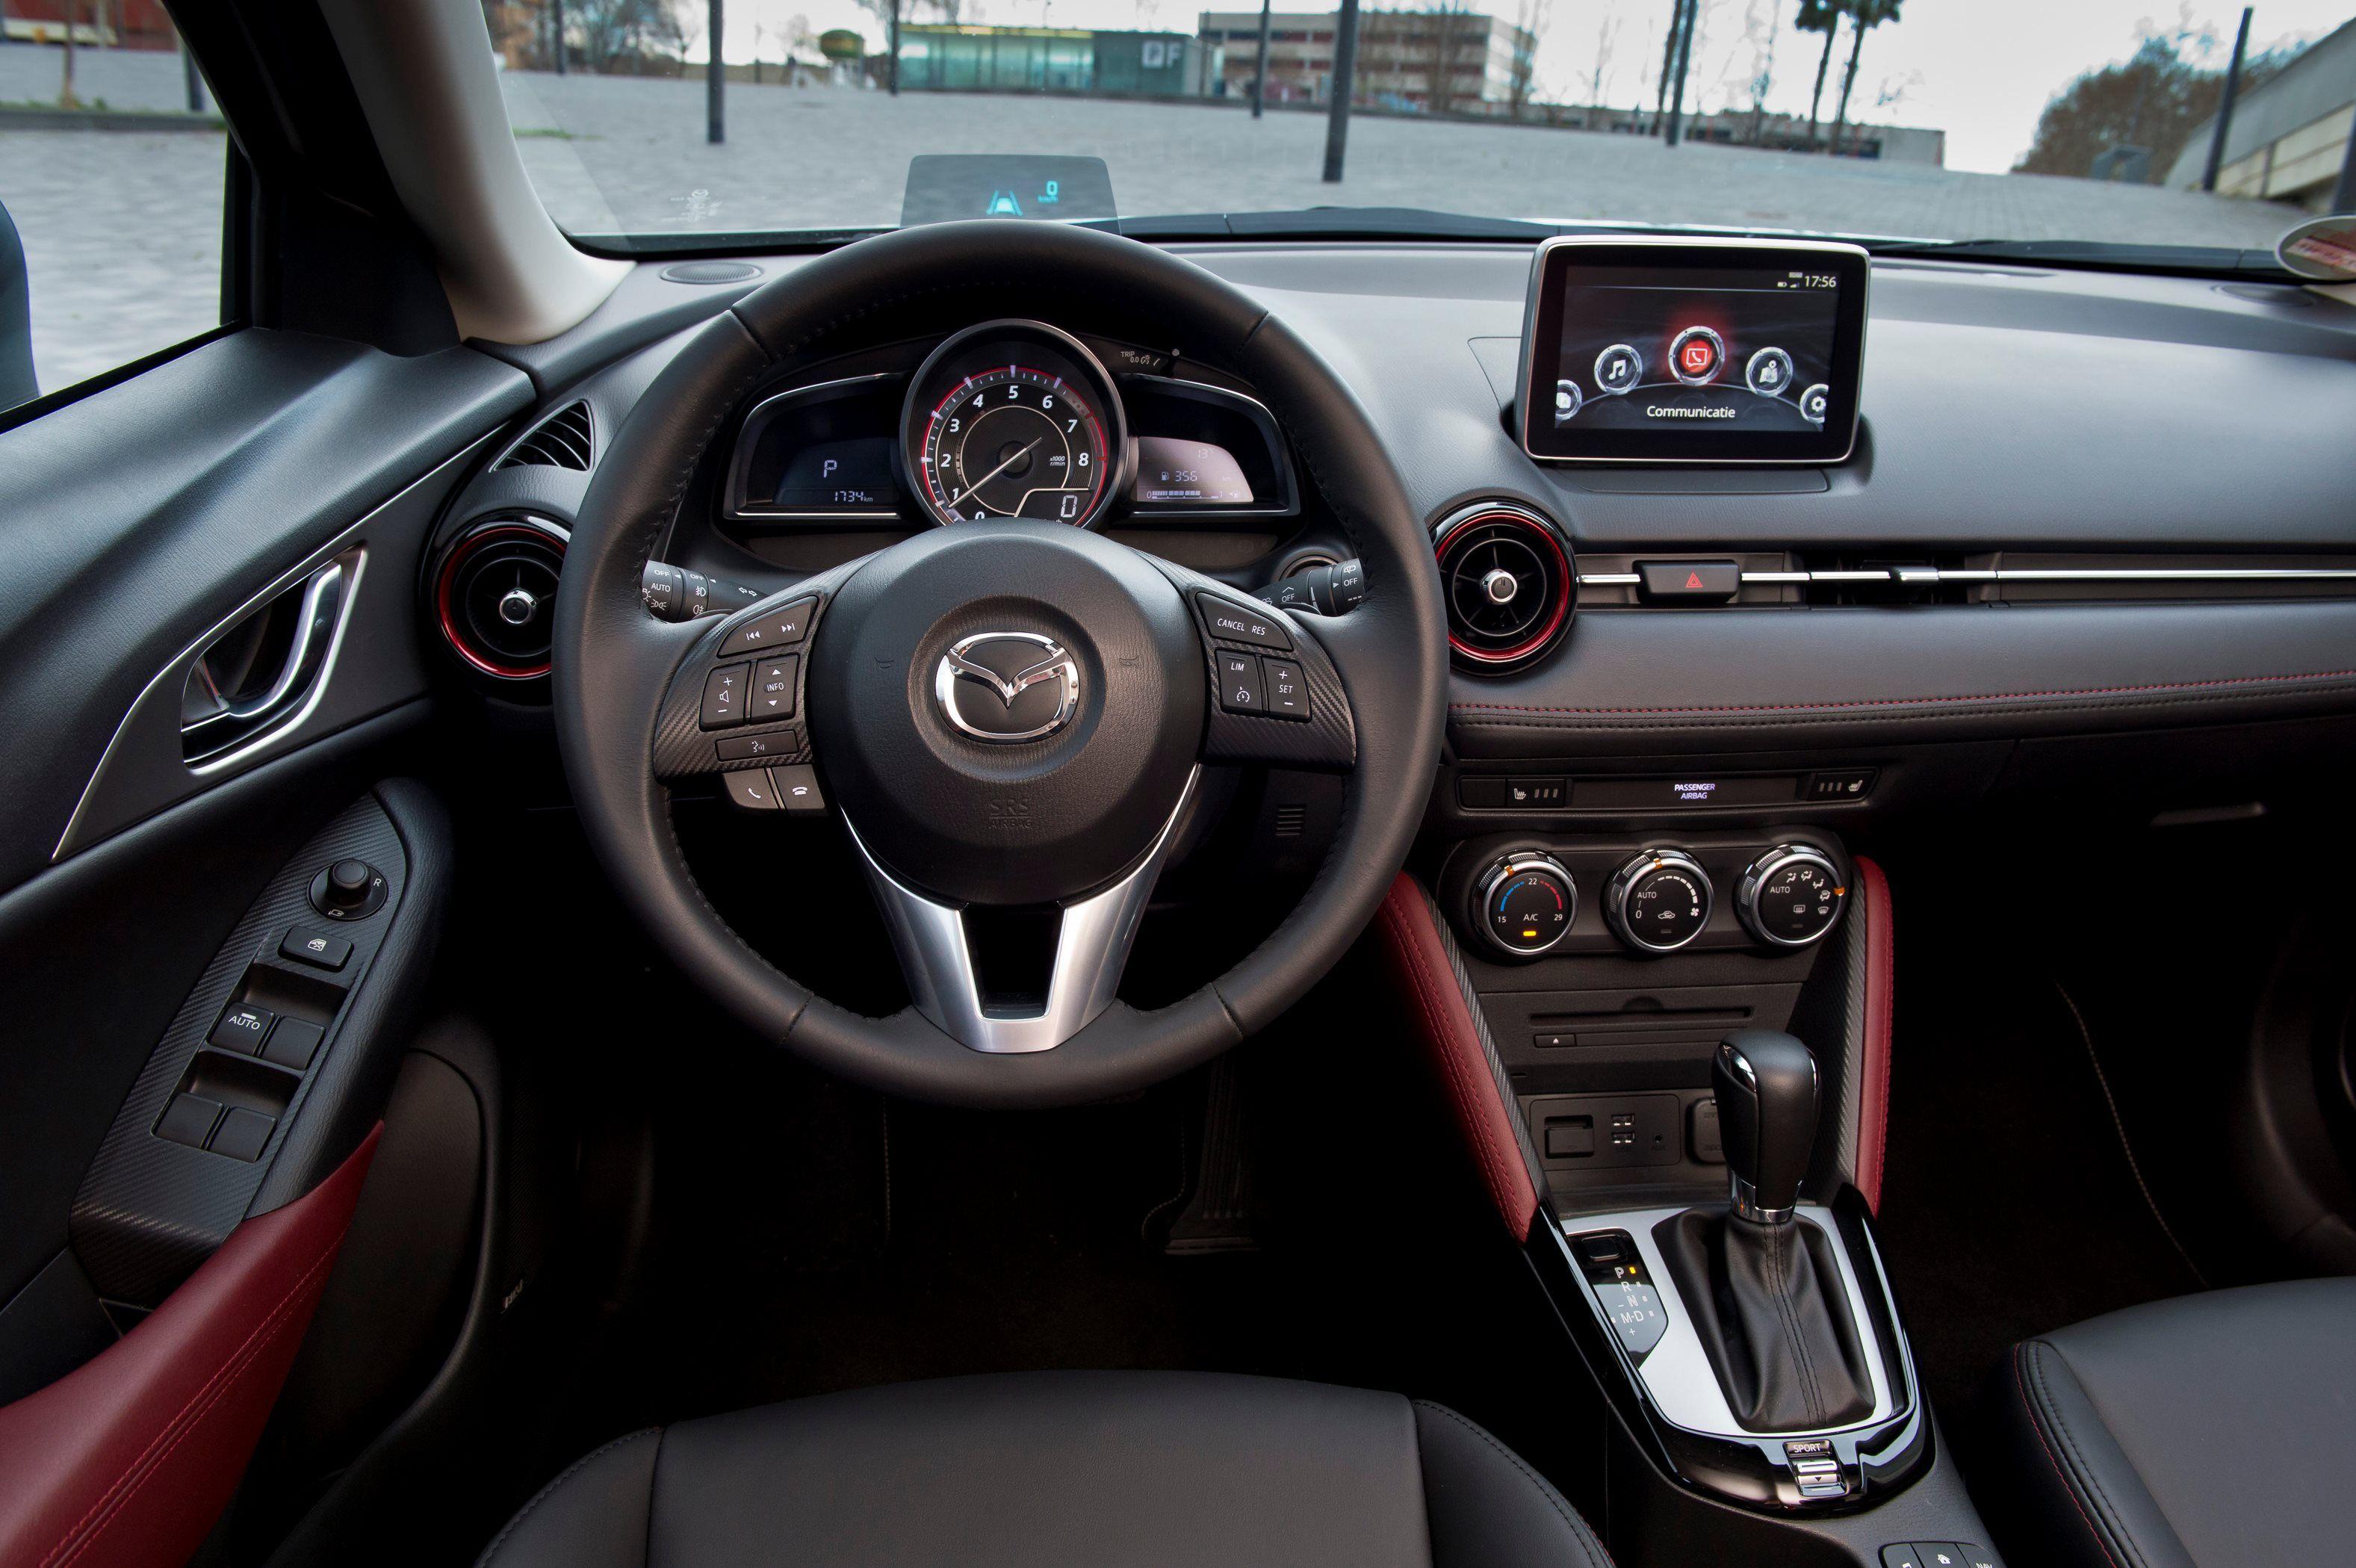 Autotest Mazda CX 3 2.0 SkyActivG 150 AWD Tijdens De Sneak Preview  Persintroductie. Ook Is Er Gereden Met De CX 3 SkyActiv D 105 Diesel Met  20% Bijtelling.